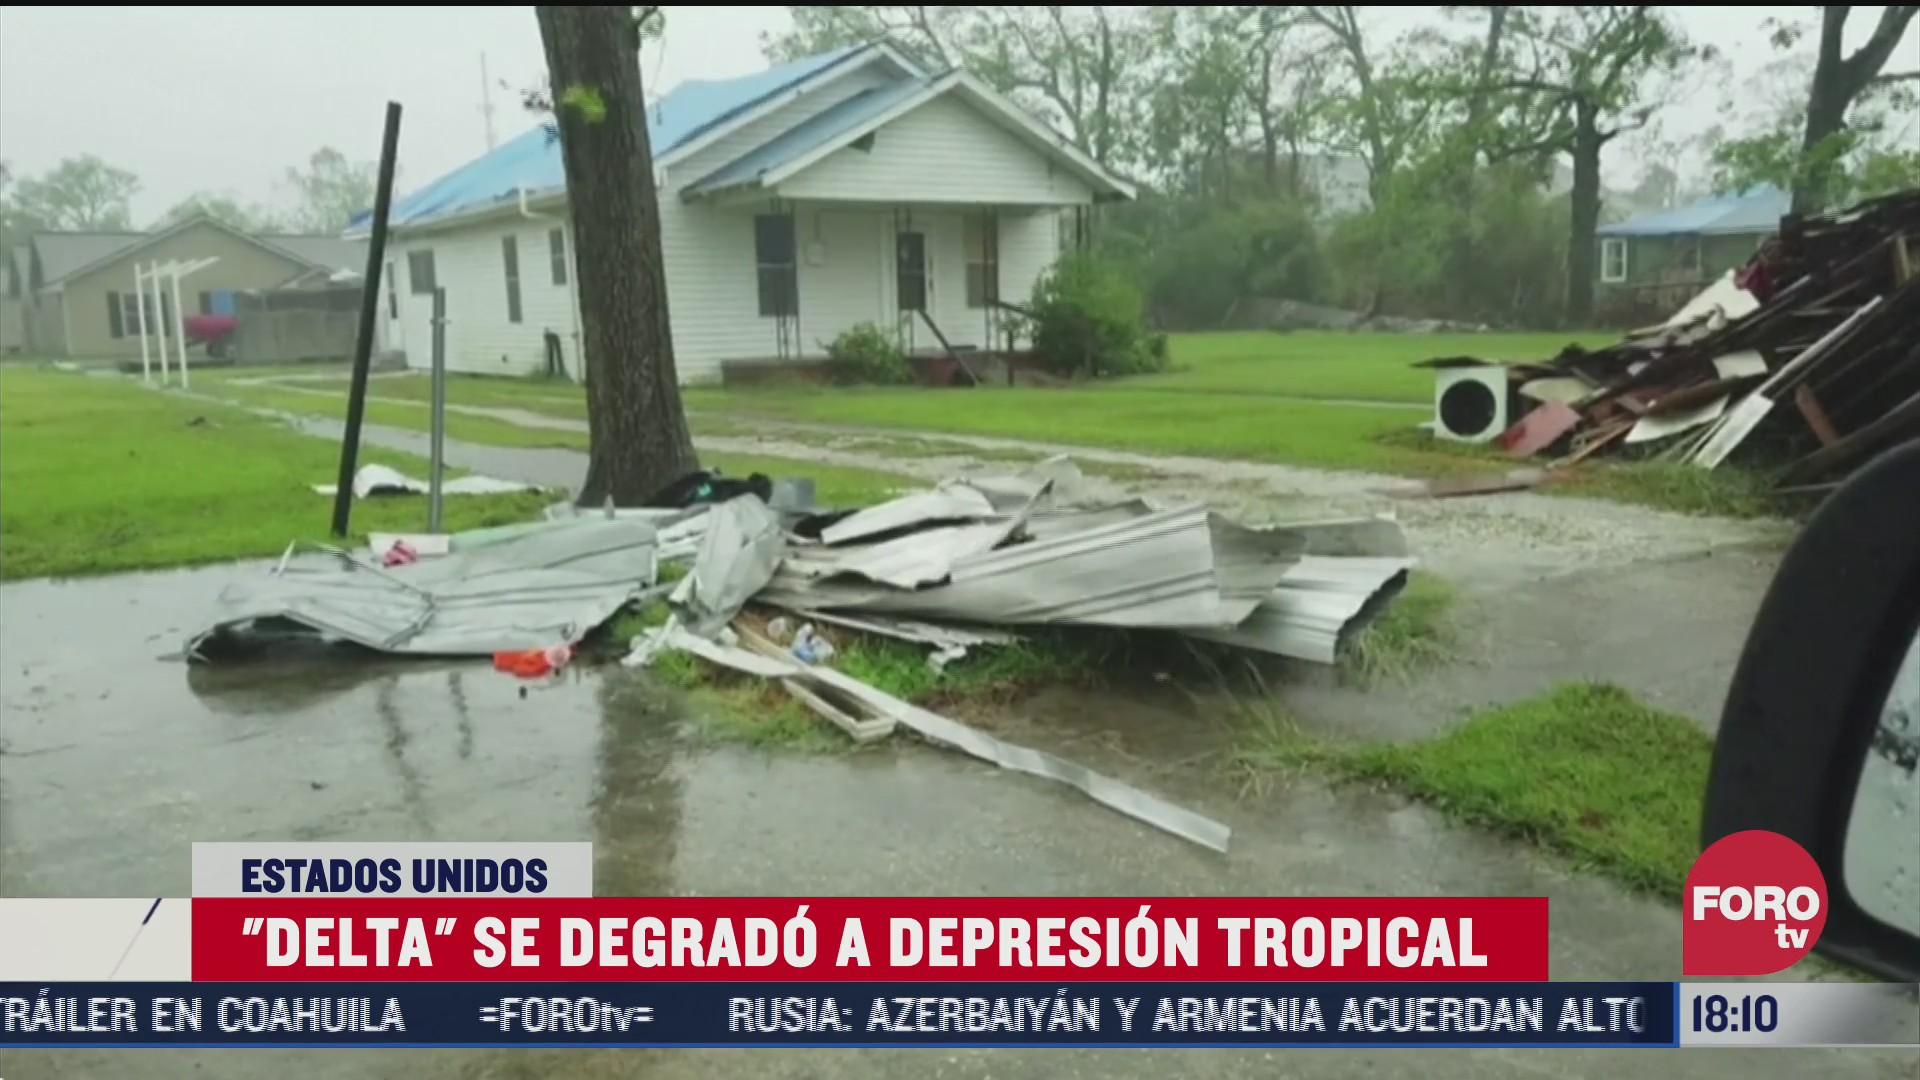 delta se degrada a depresion tropical